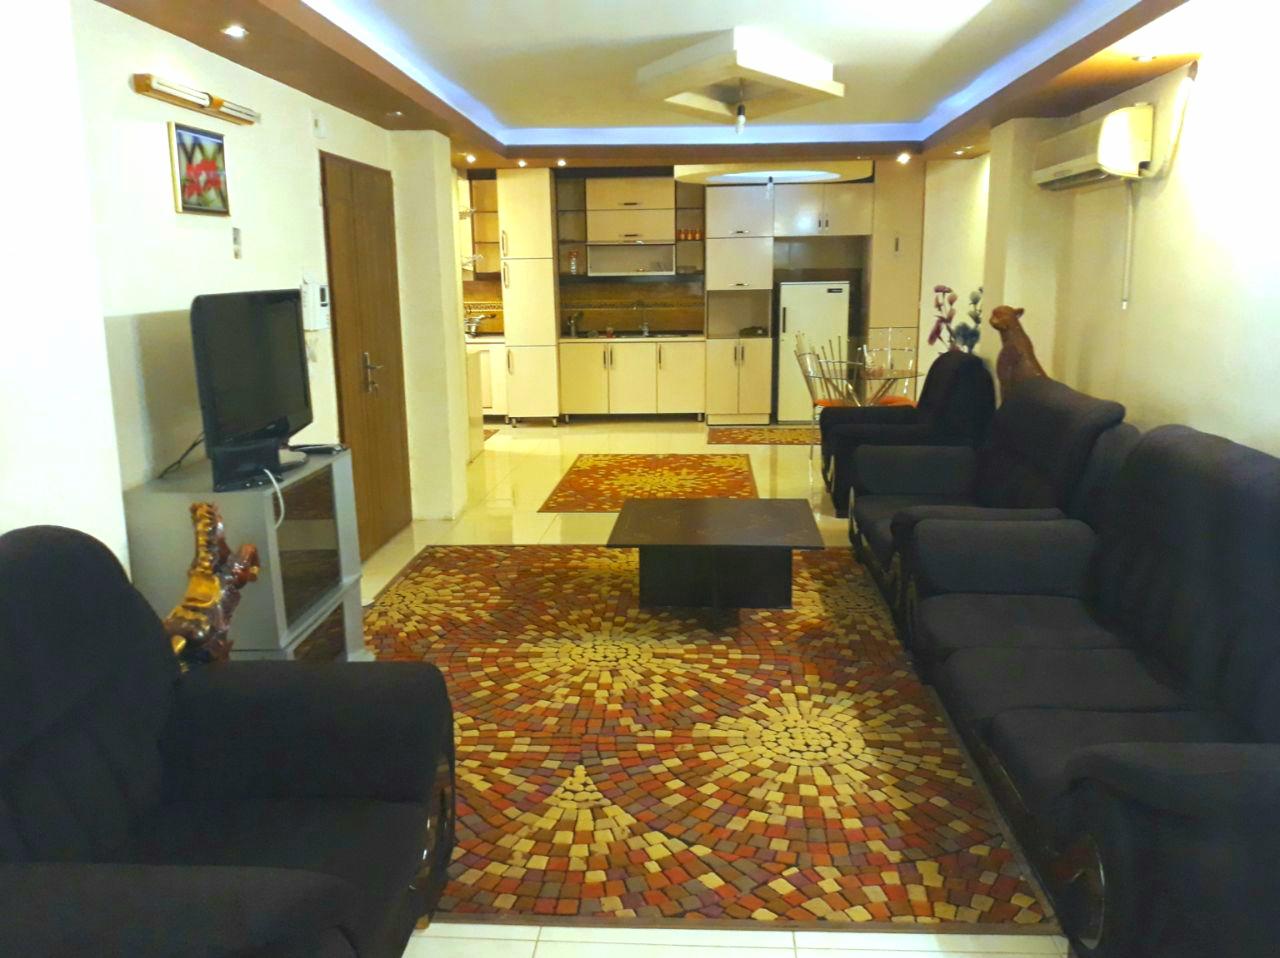 آپارتمان مبله لوکس و تمیز-ویژه شیک پسندان